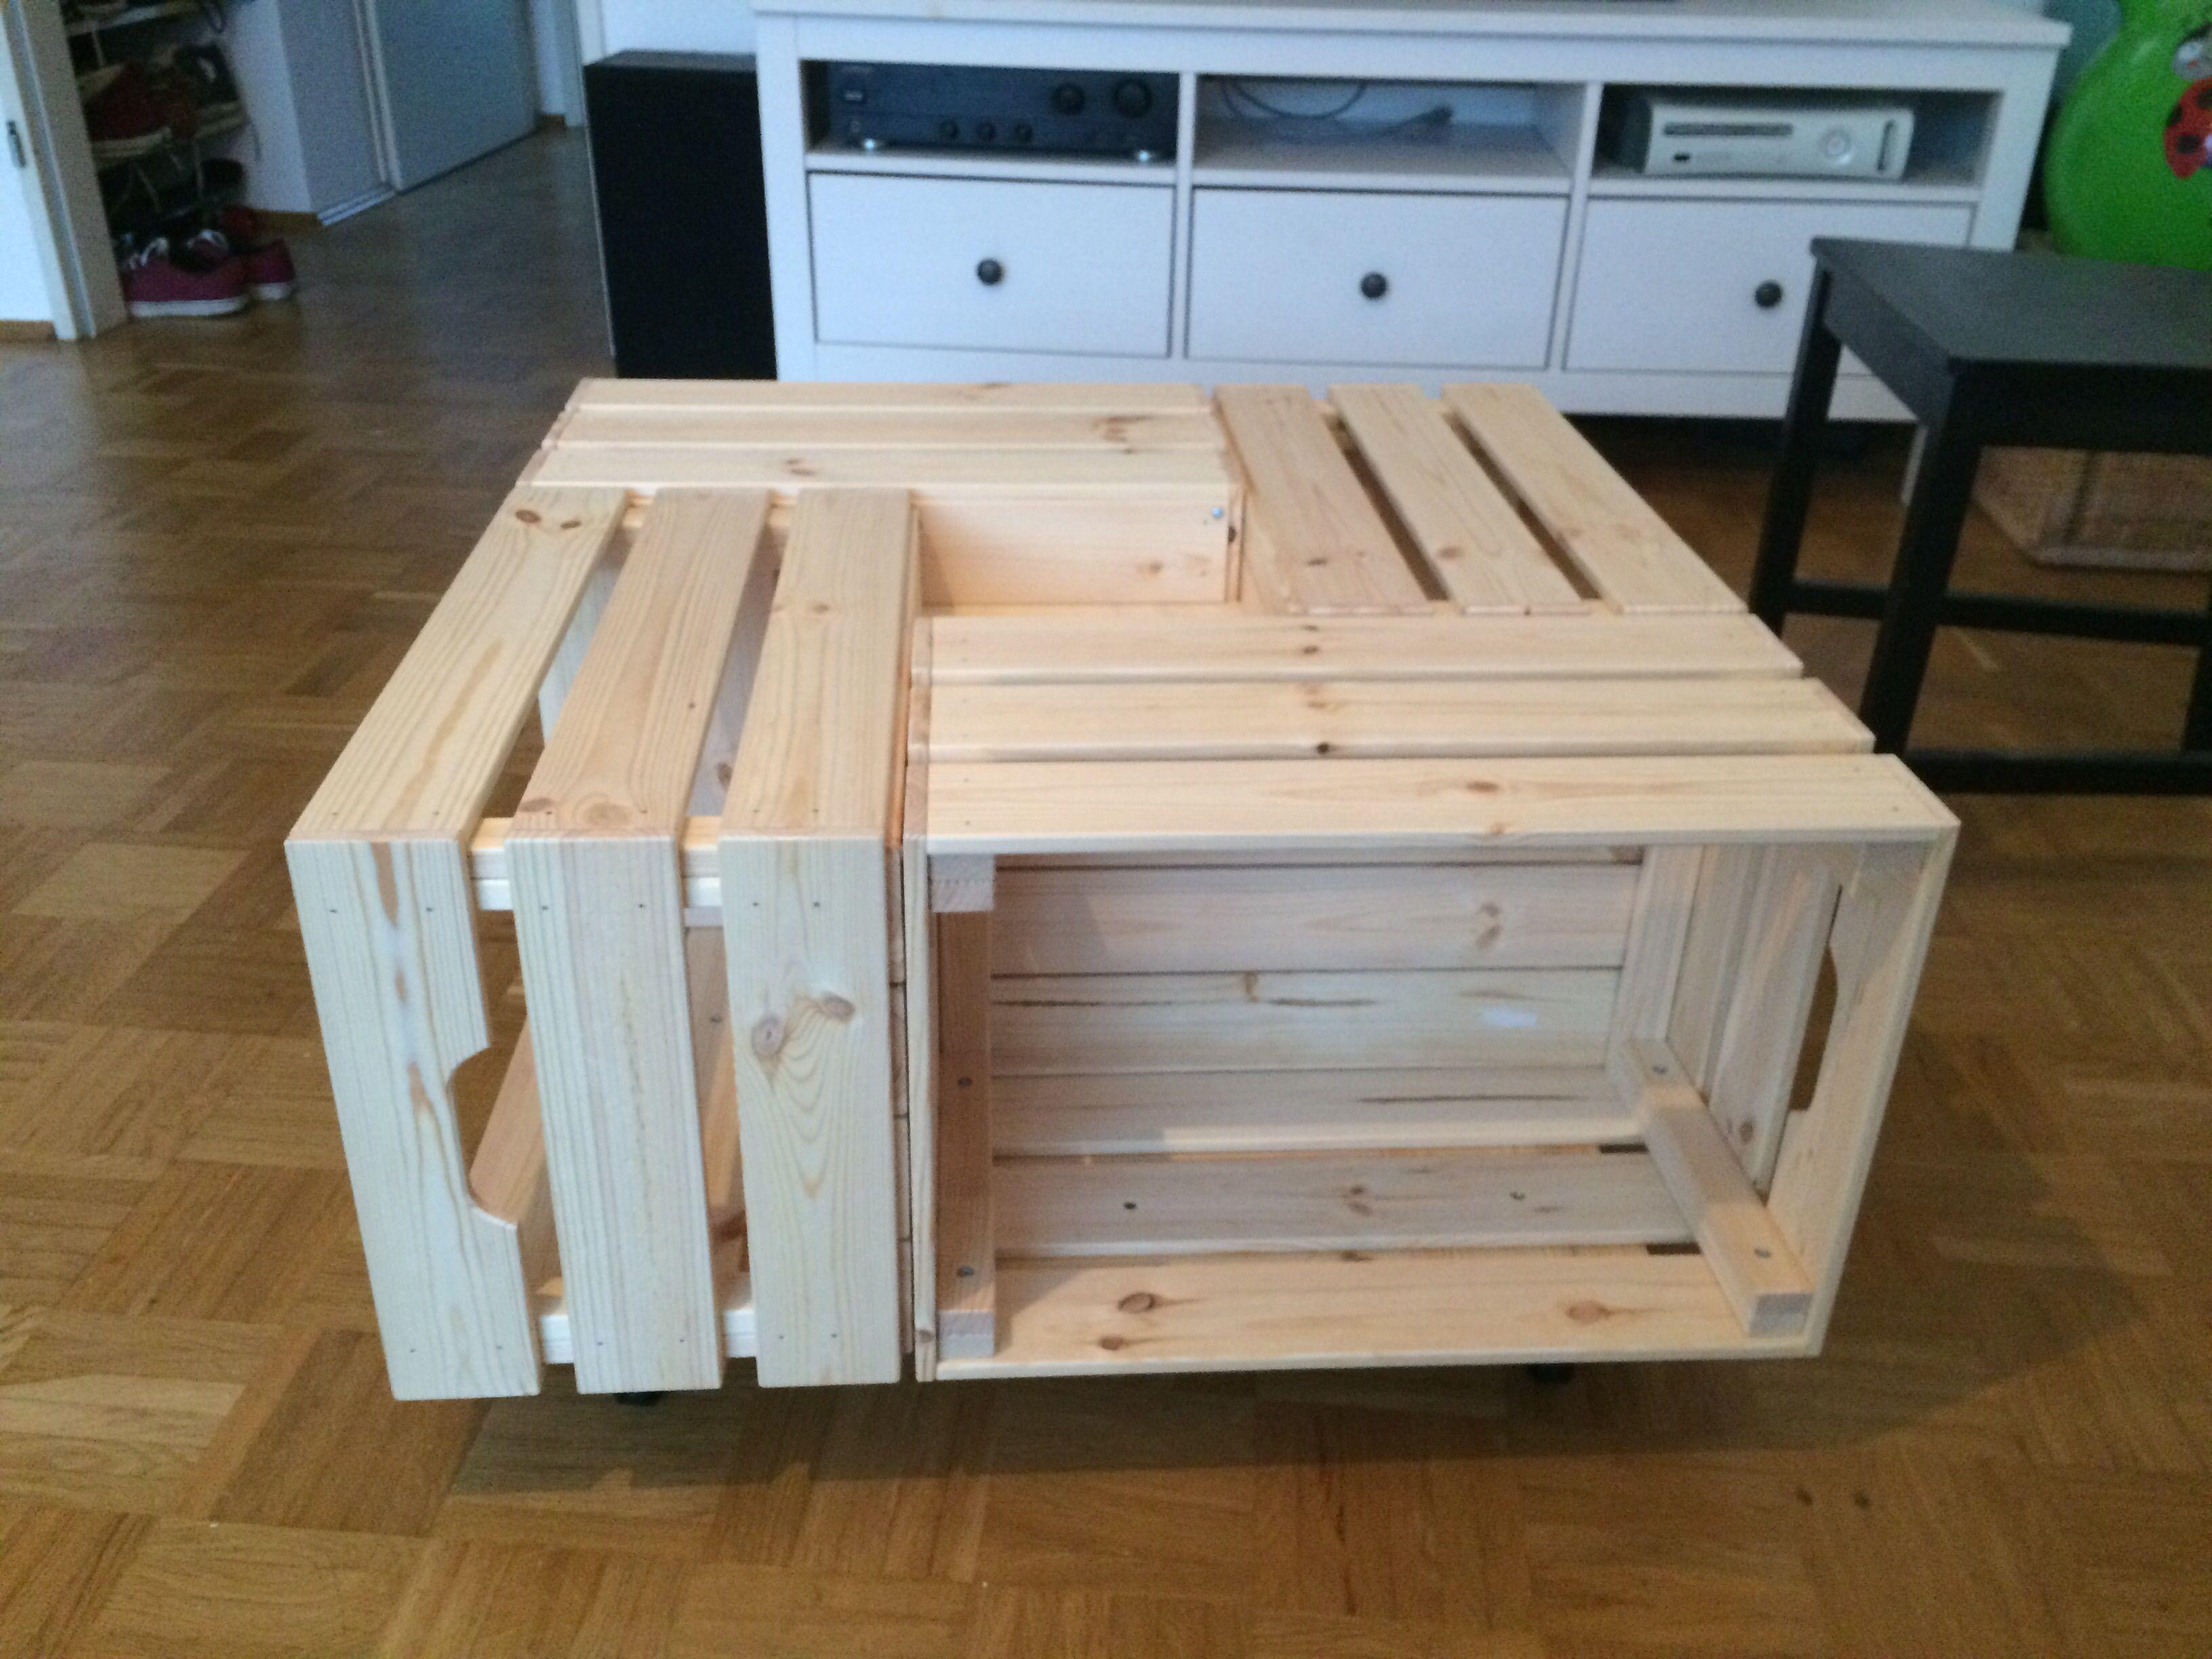 Wohnzimmertisch Ikea ~ Ikea vallentuna sofa mit kallax tisch unser buntes leben